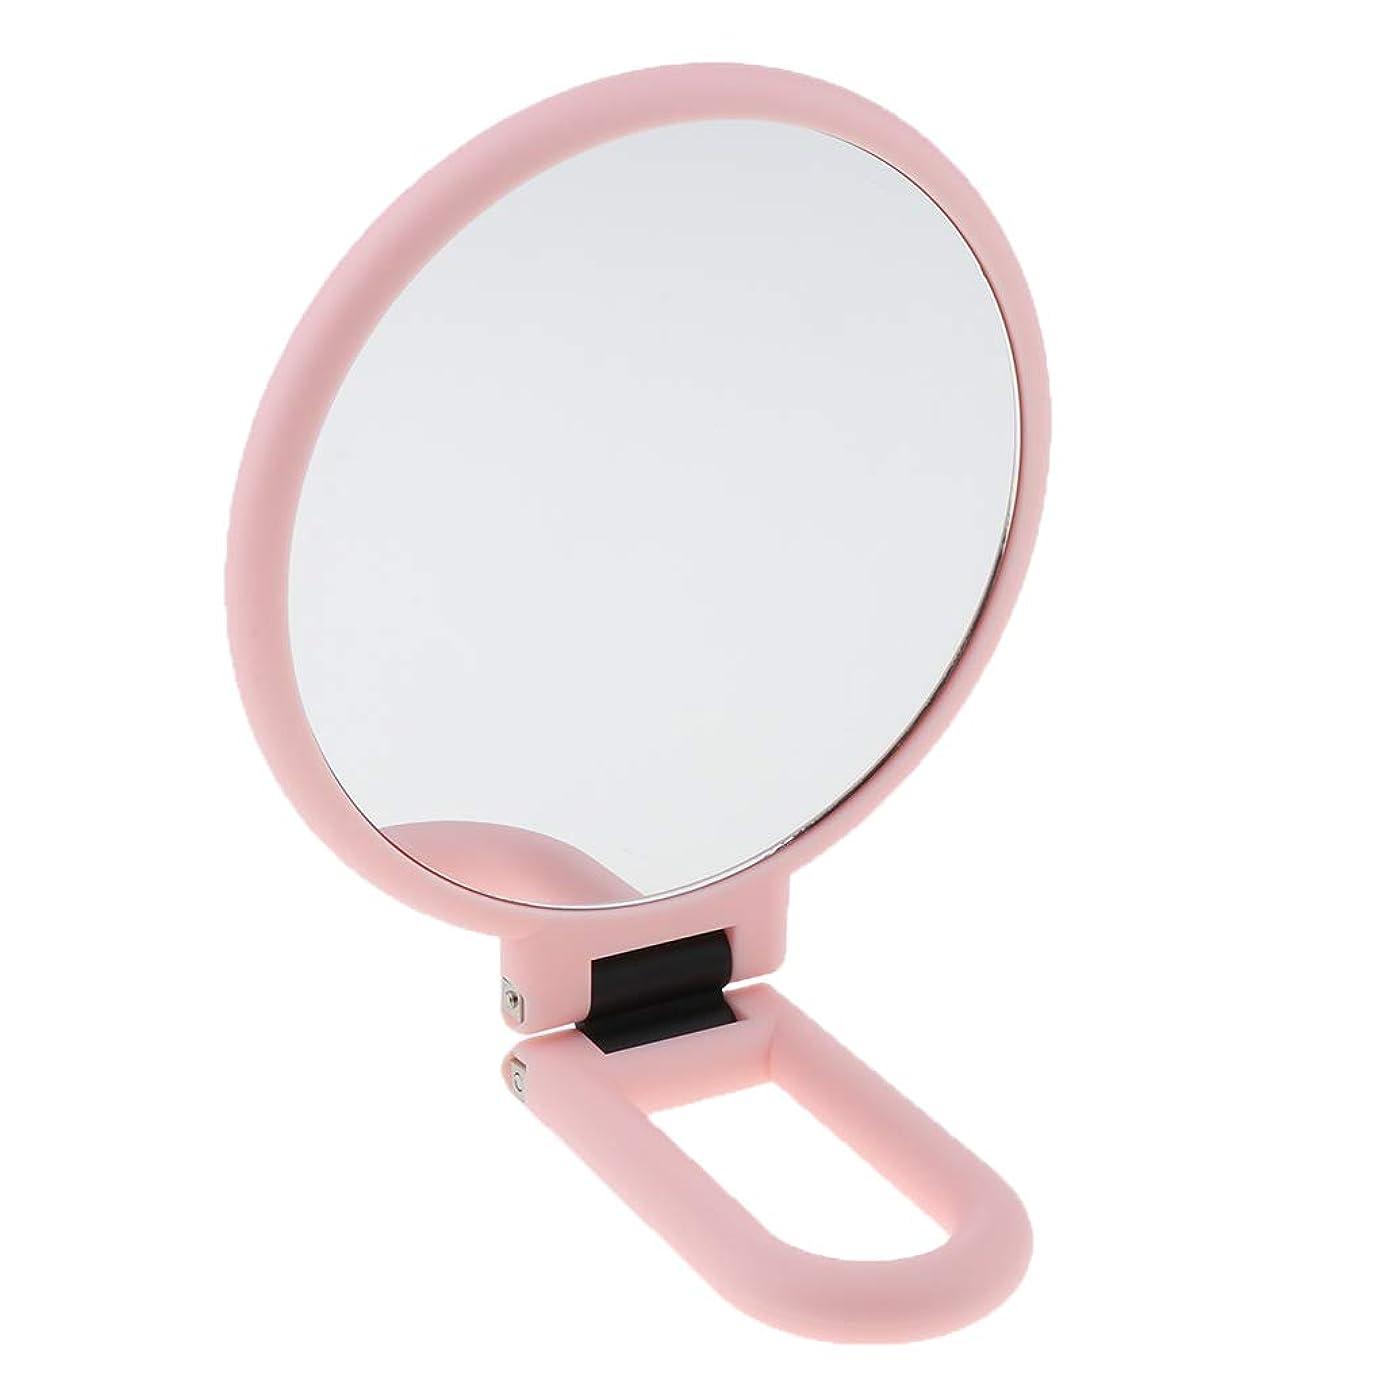 居間なくなる融合CUTICATE 化粧鏡 ミラー 化粧ミラー 折りたたみ式 両面 拡大鏡 全3選択 - 2倍拡大